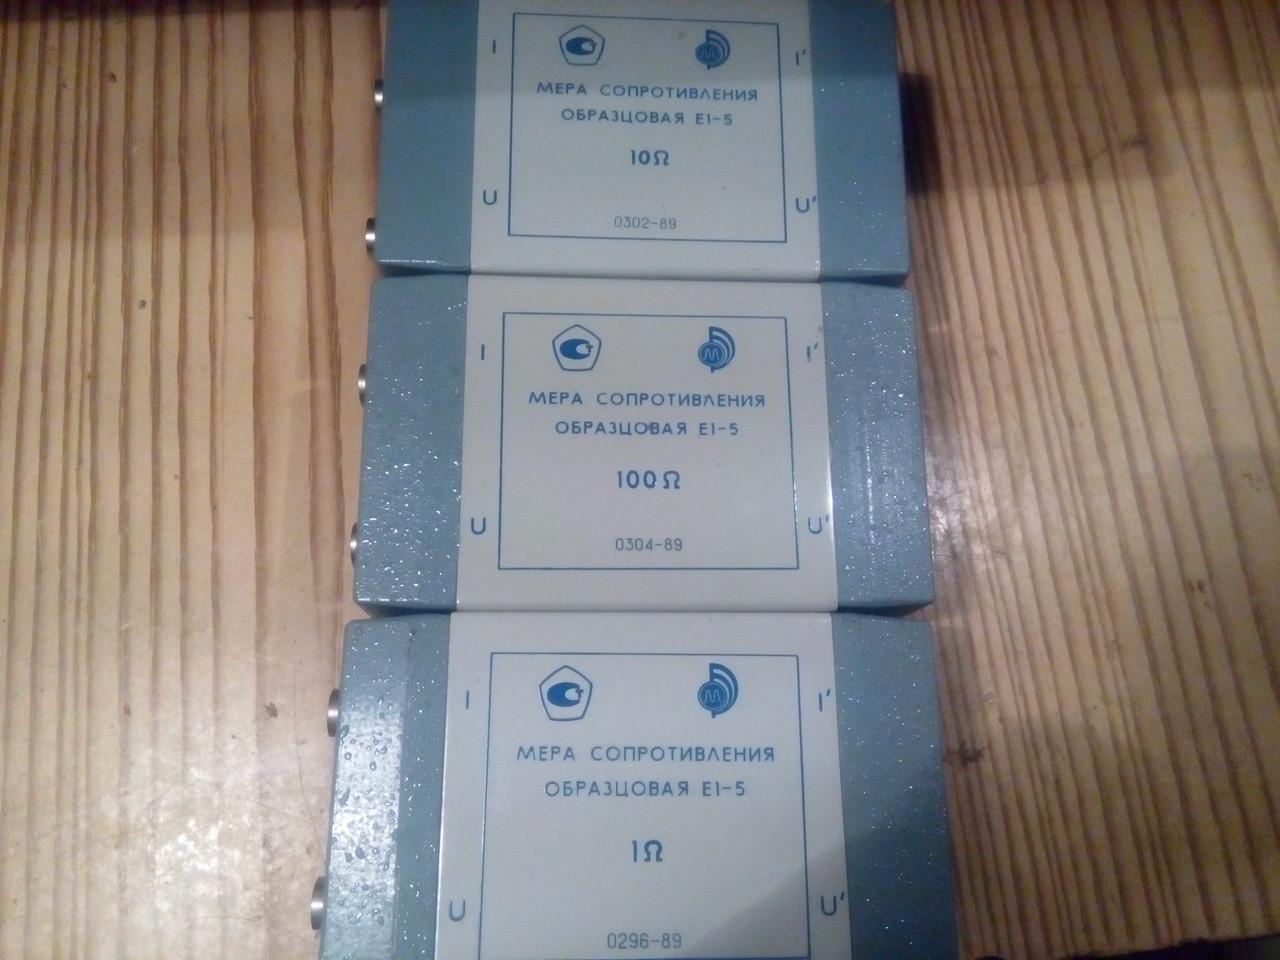 Образцовые меры сопротивления Е1-5 возможна калибровка в УкрЦСМ